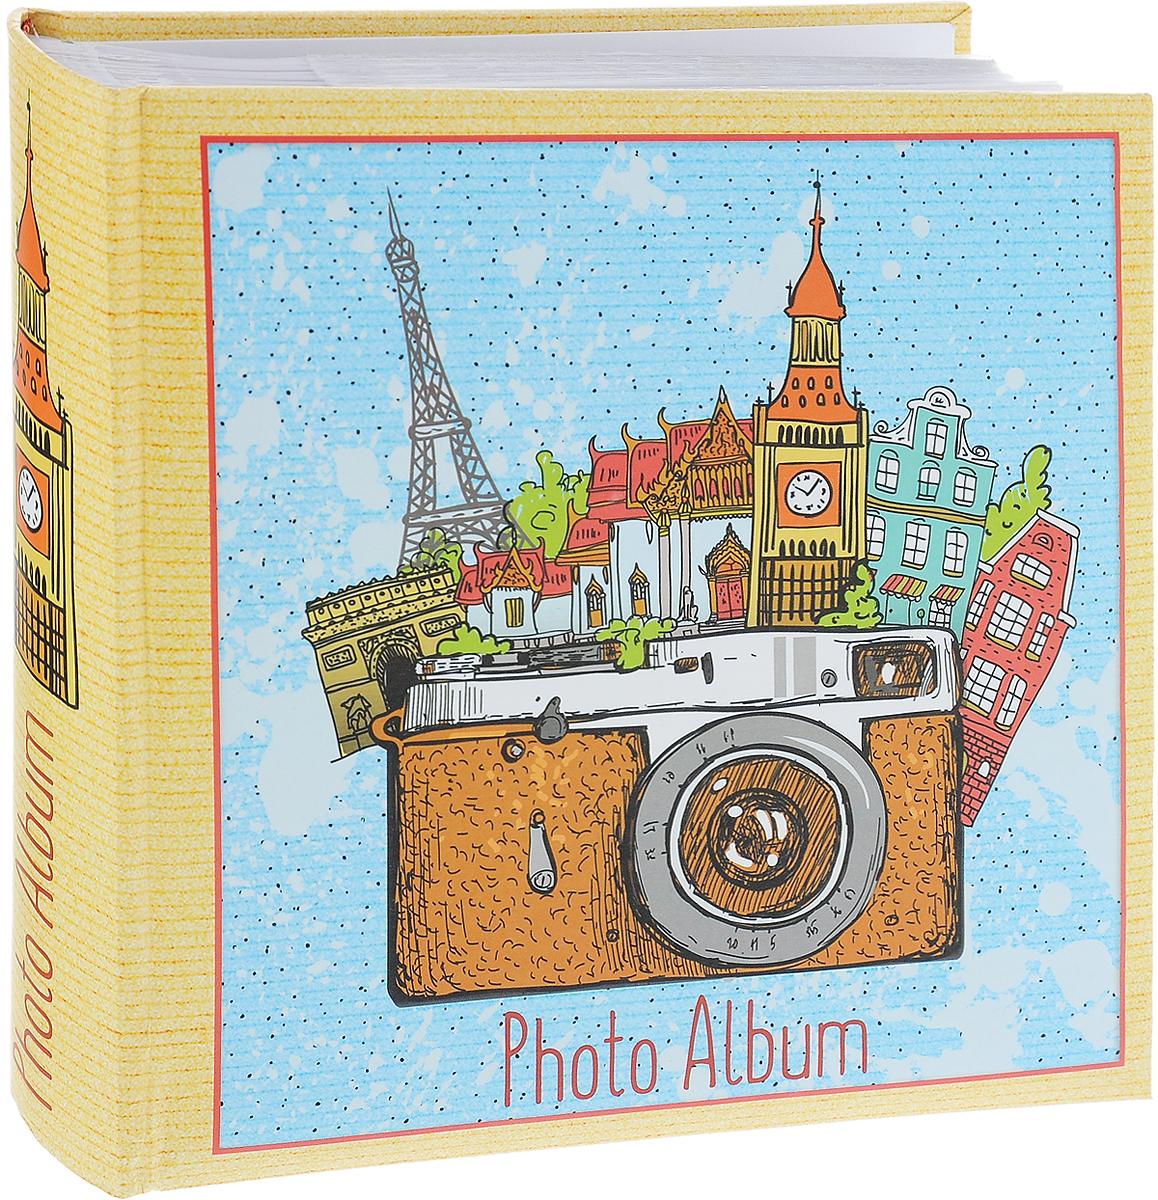 Фотоальбом Magic Home Фототур, цвет: желтый, голубой, коричневый, на 200 фотографий, 10 х 15 см41293Фотоальбом Magic Home Фототур поможет красиво оформить ваши самые интересные фотографии. Обложка, выполненная из толстого картона, оформлена красивым изображением. Внутри содержится блок из 50 белых листов с фиксаторами-окошками из полипропилена. Альбом рассчитан на 200 фотографий формата 10 х 15 см (по 2 фотографии на странице). Переплет - книжный. Фотоальбом имеет поля для записей, что позволит подписать фотографии. Нам всегда так приятно вспоминать о самых счастливых моментах жизни, запечатленных на фотографиях. Поэтому фотоальбом является универсальным подарком к любому празднику. Количество листов: 50 шт. Размер фотоальбома: 22 х 22 см.